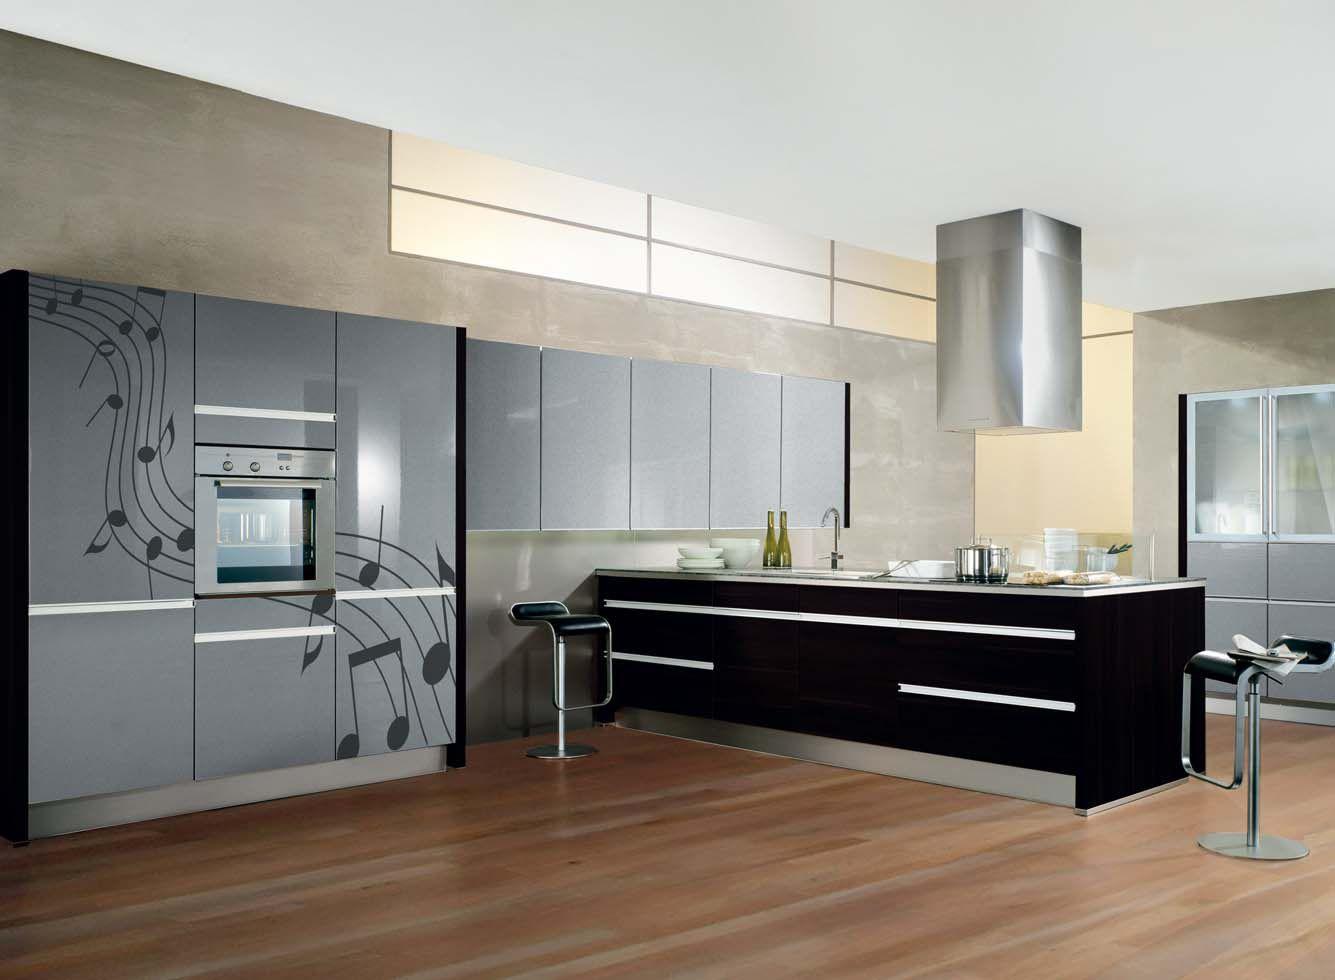 Cocina 70 cocinas capis dise o y fabricaci n de cocinas for Configurador cocinas